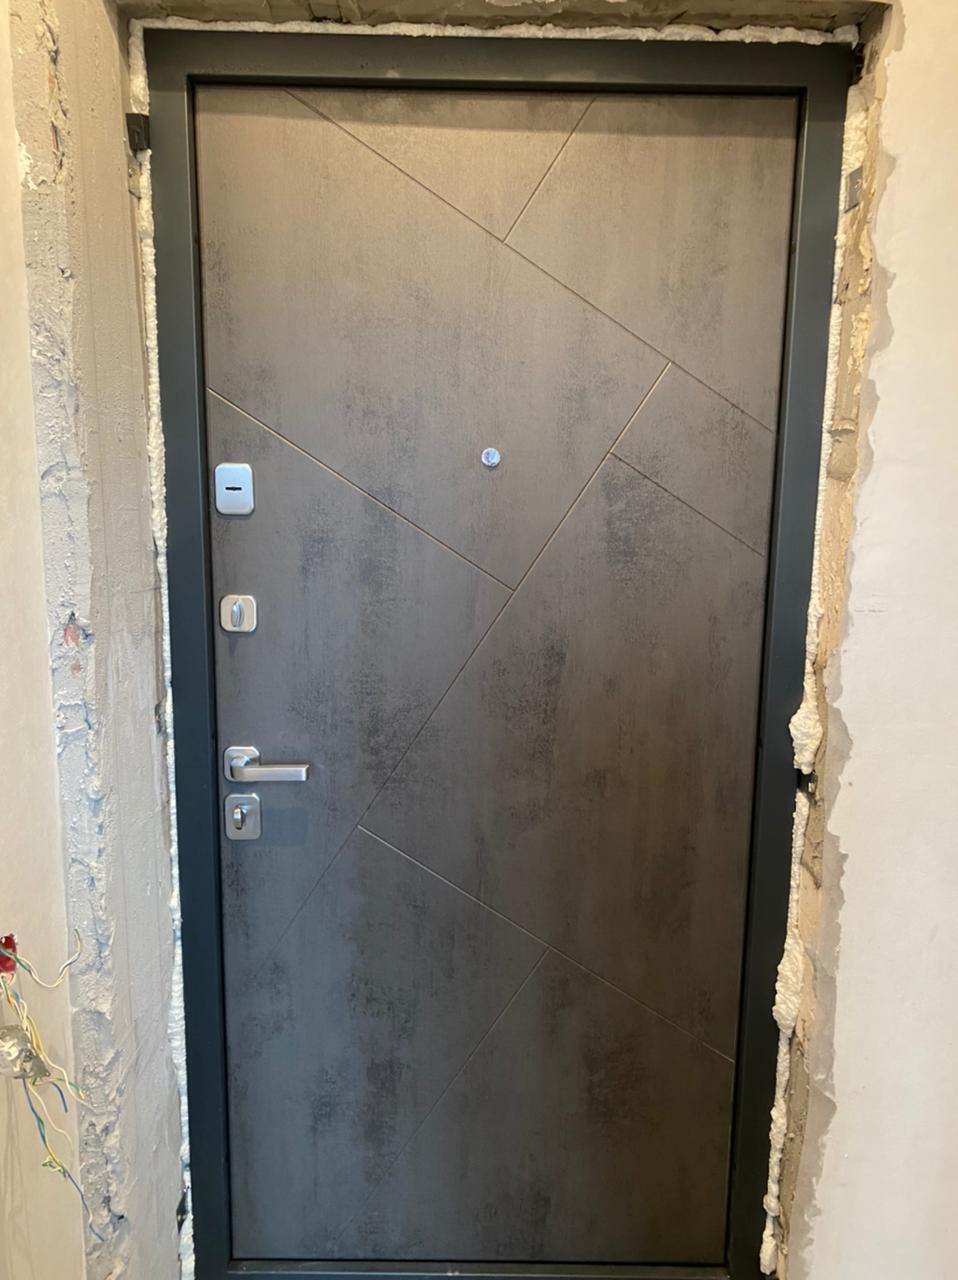 монтана входная дверь стальная линия отделка камень тёмно-серый рисунок сидней фурнитура для входных дверей матовый хром